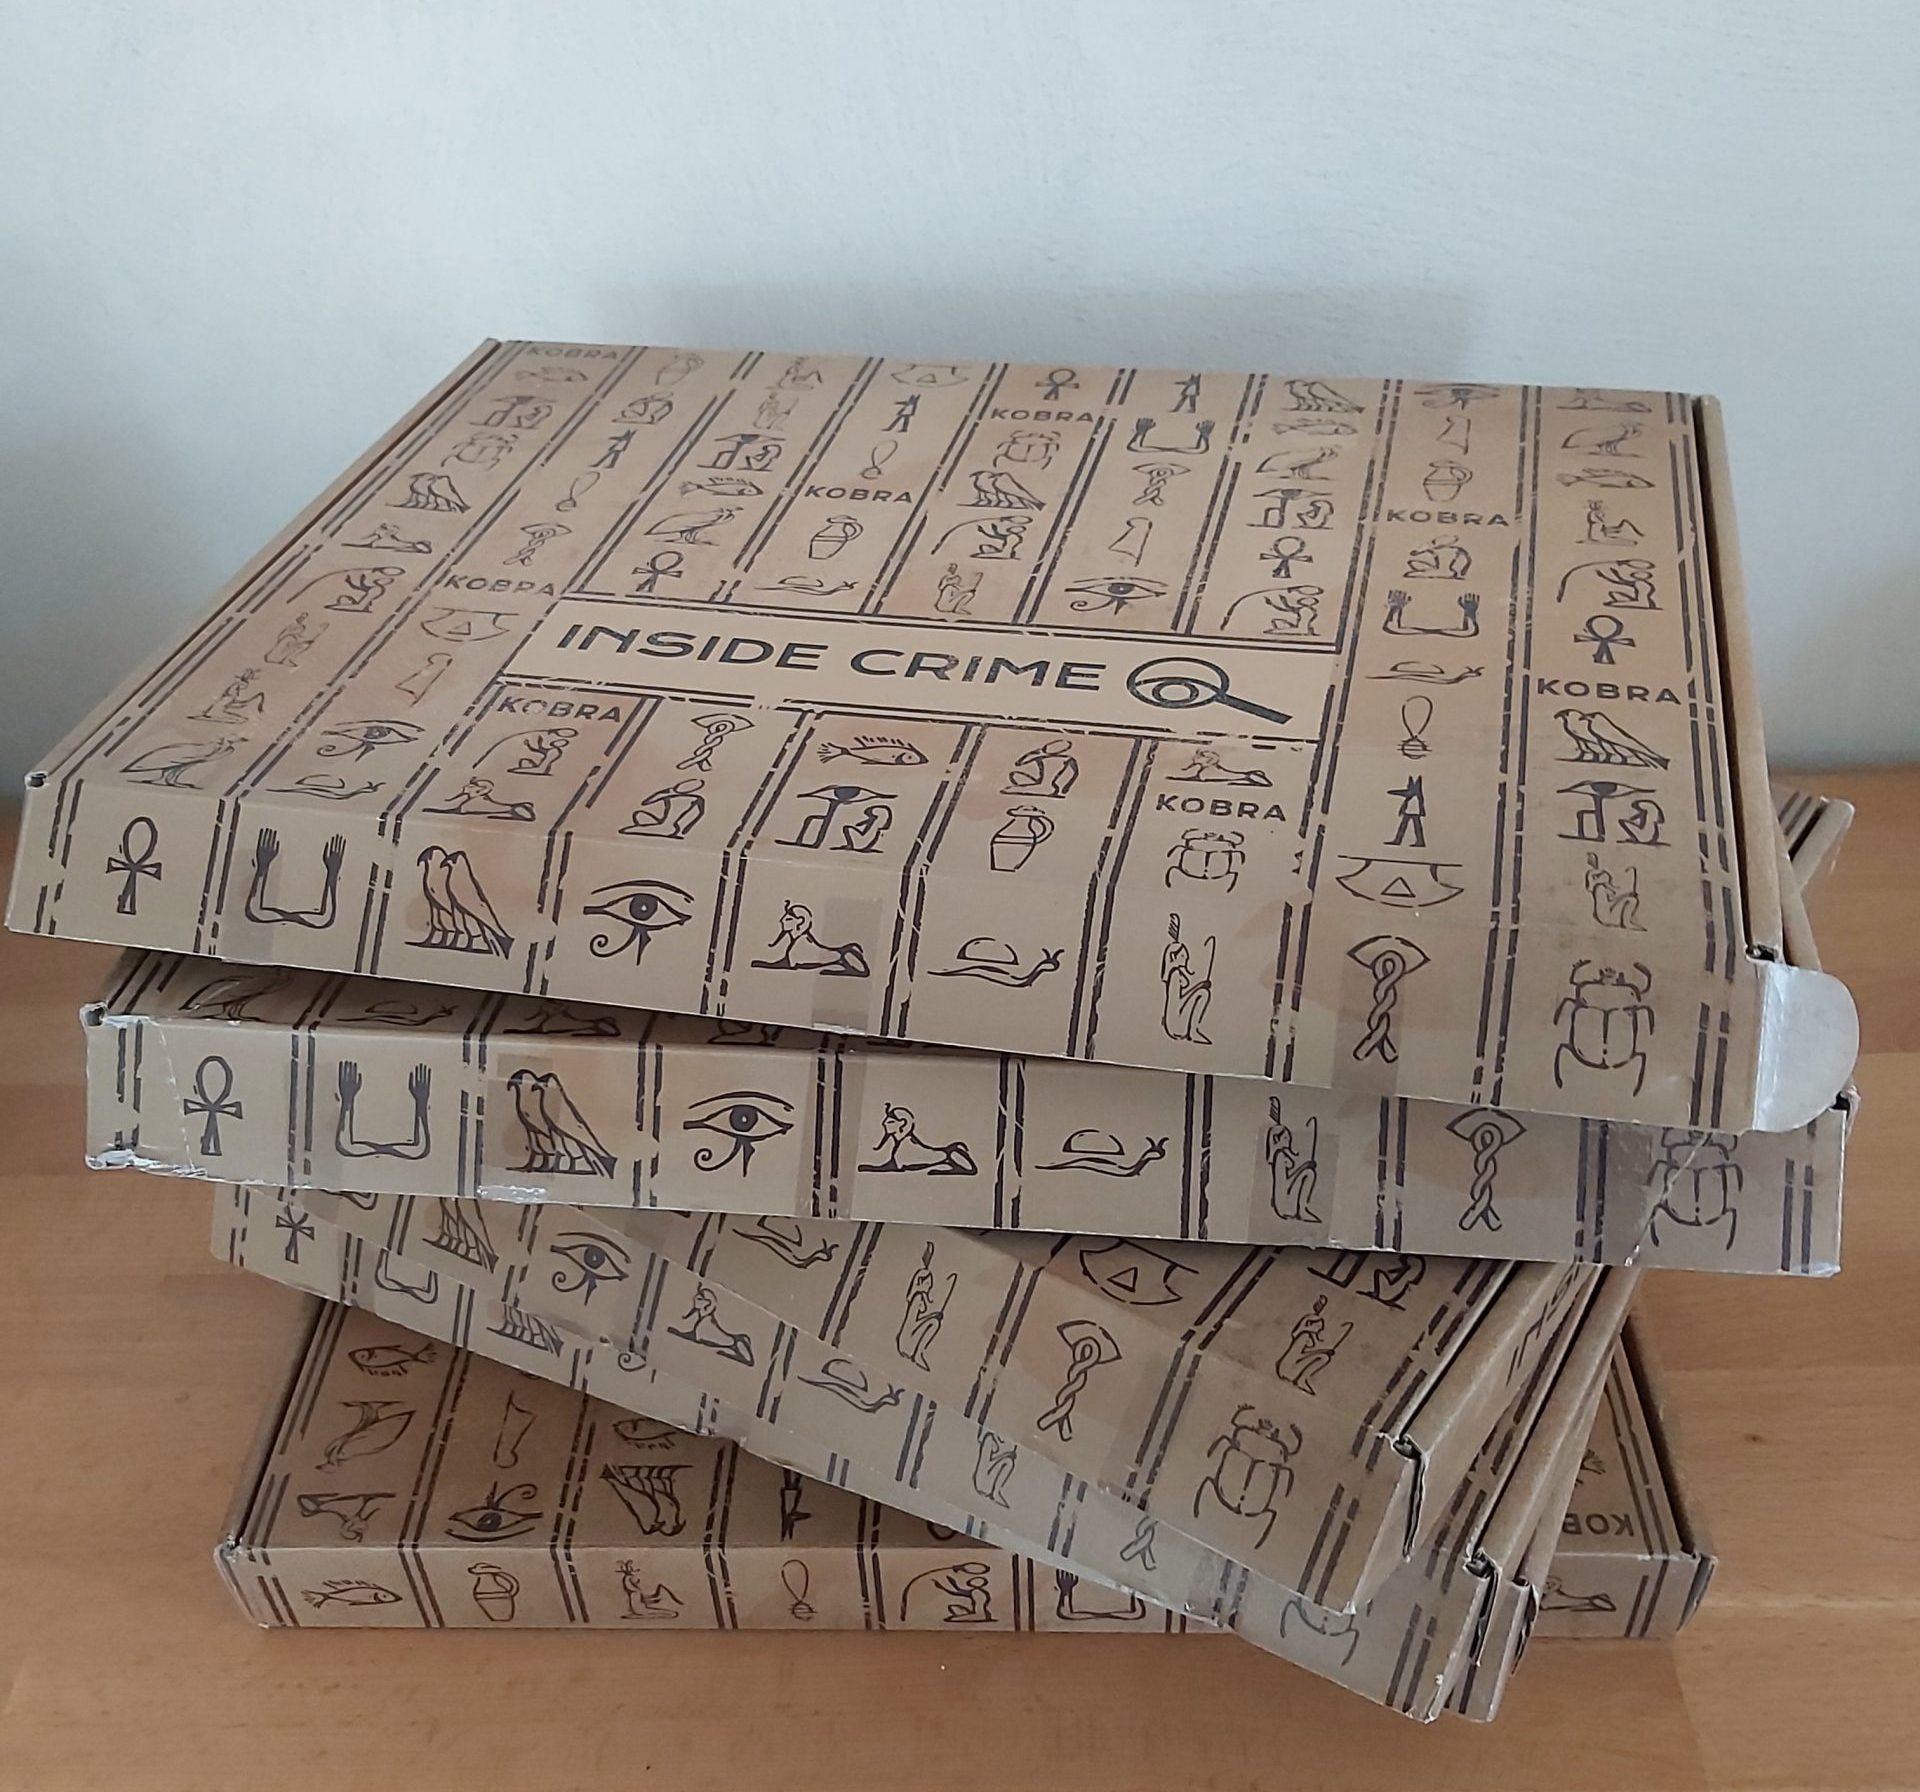 Zu sehen sind die 6 Spielboxen von Inside Crime.